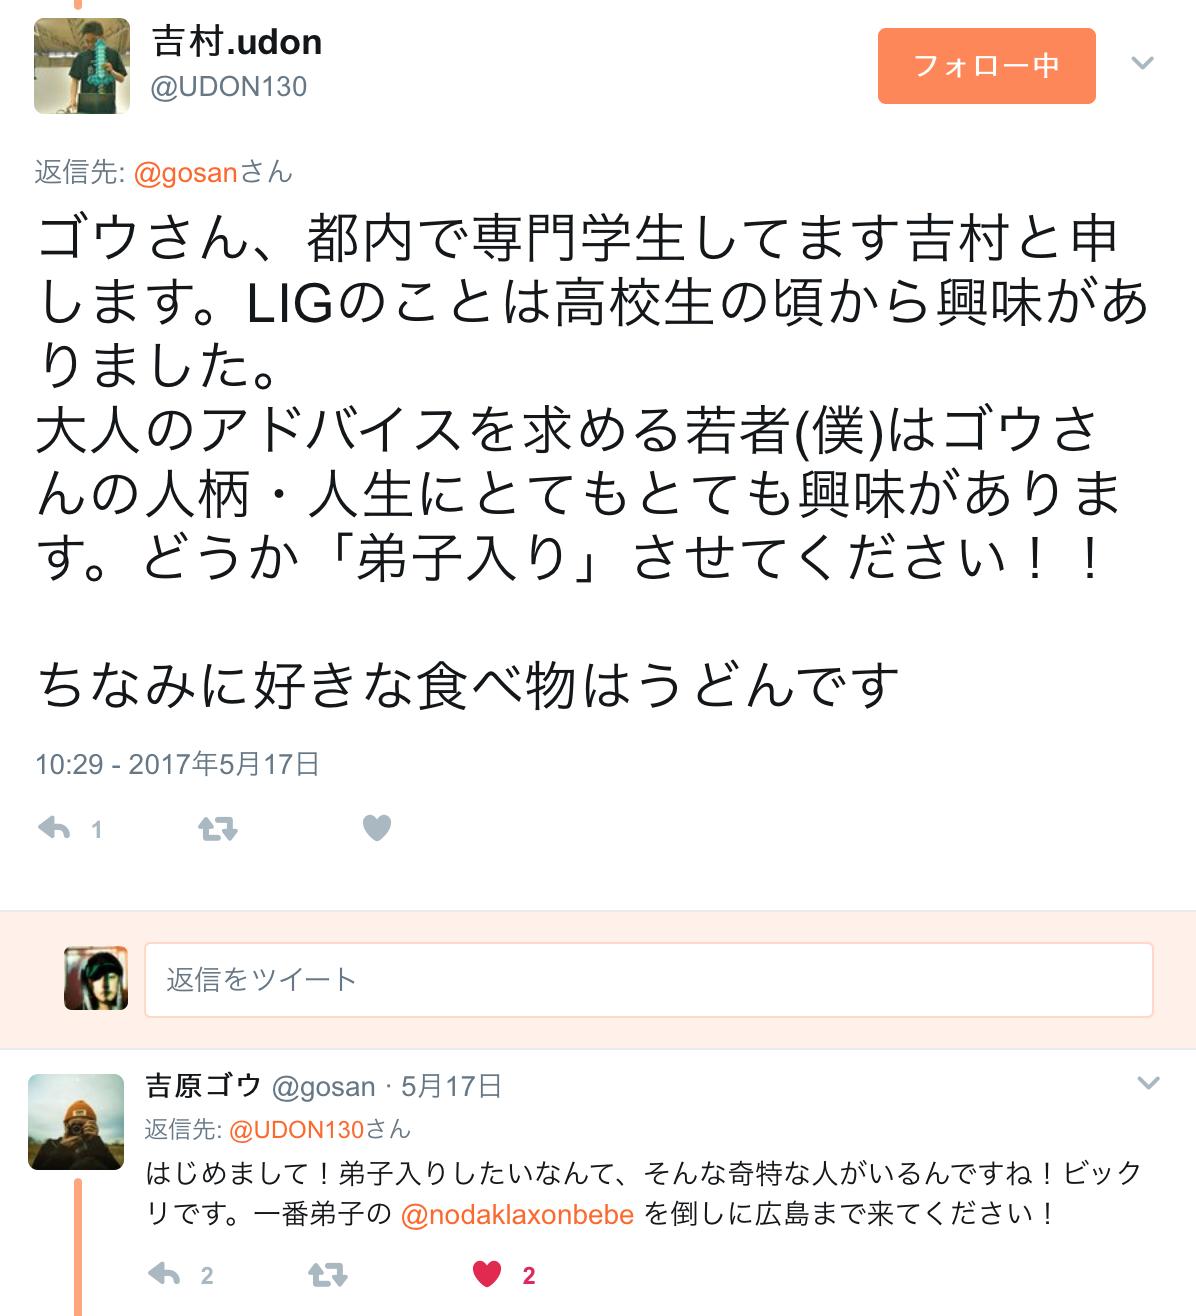 スクリーンショット 2017-05-21 20.09.55